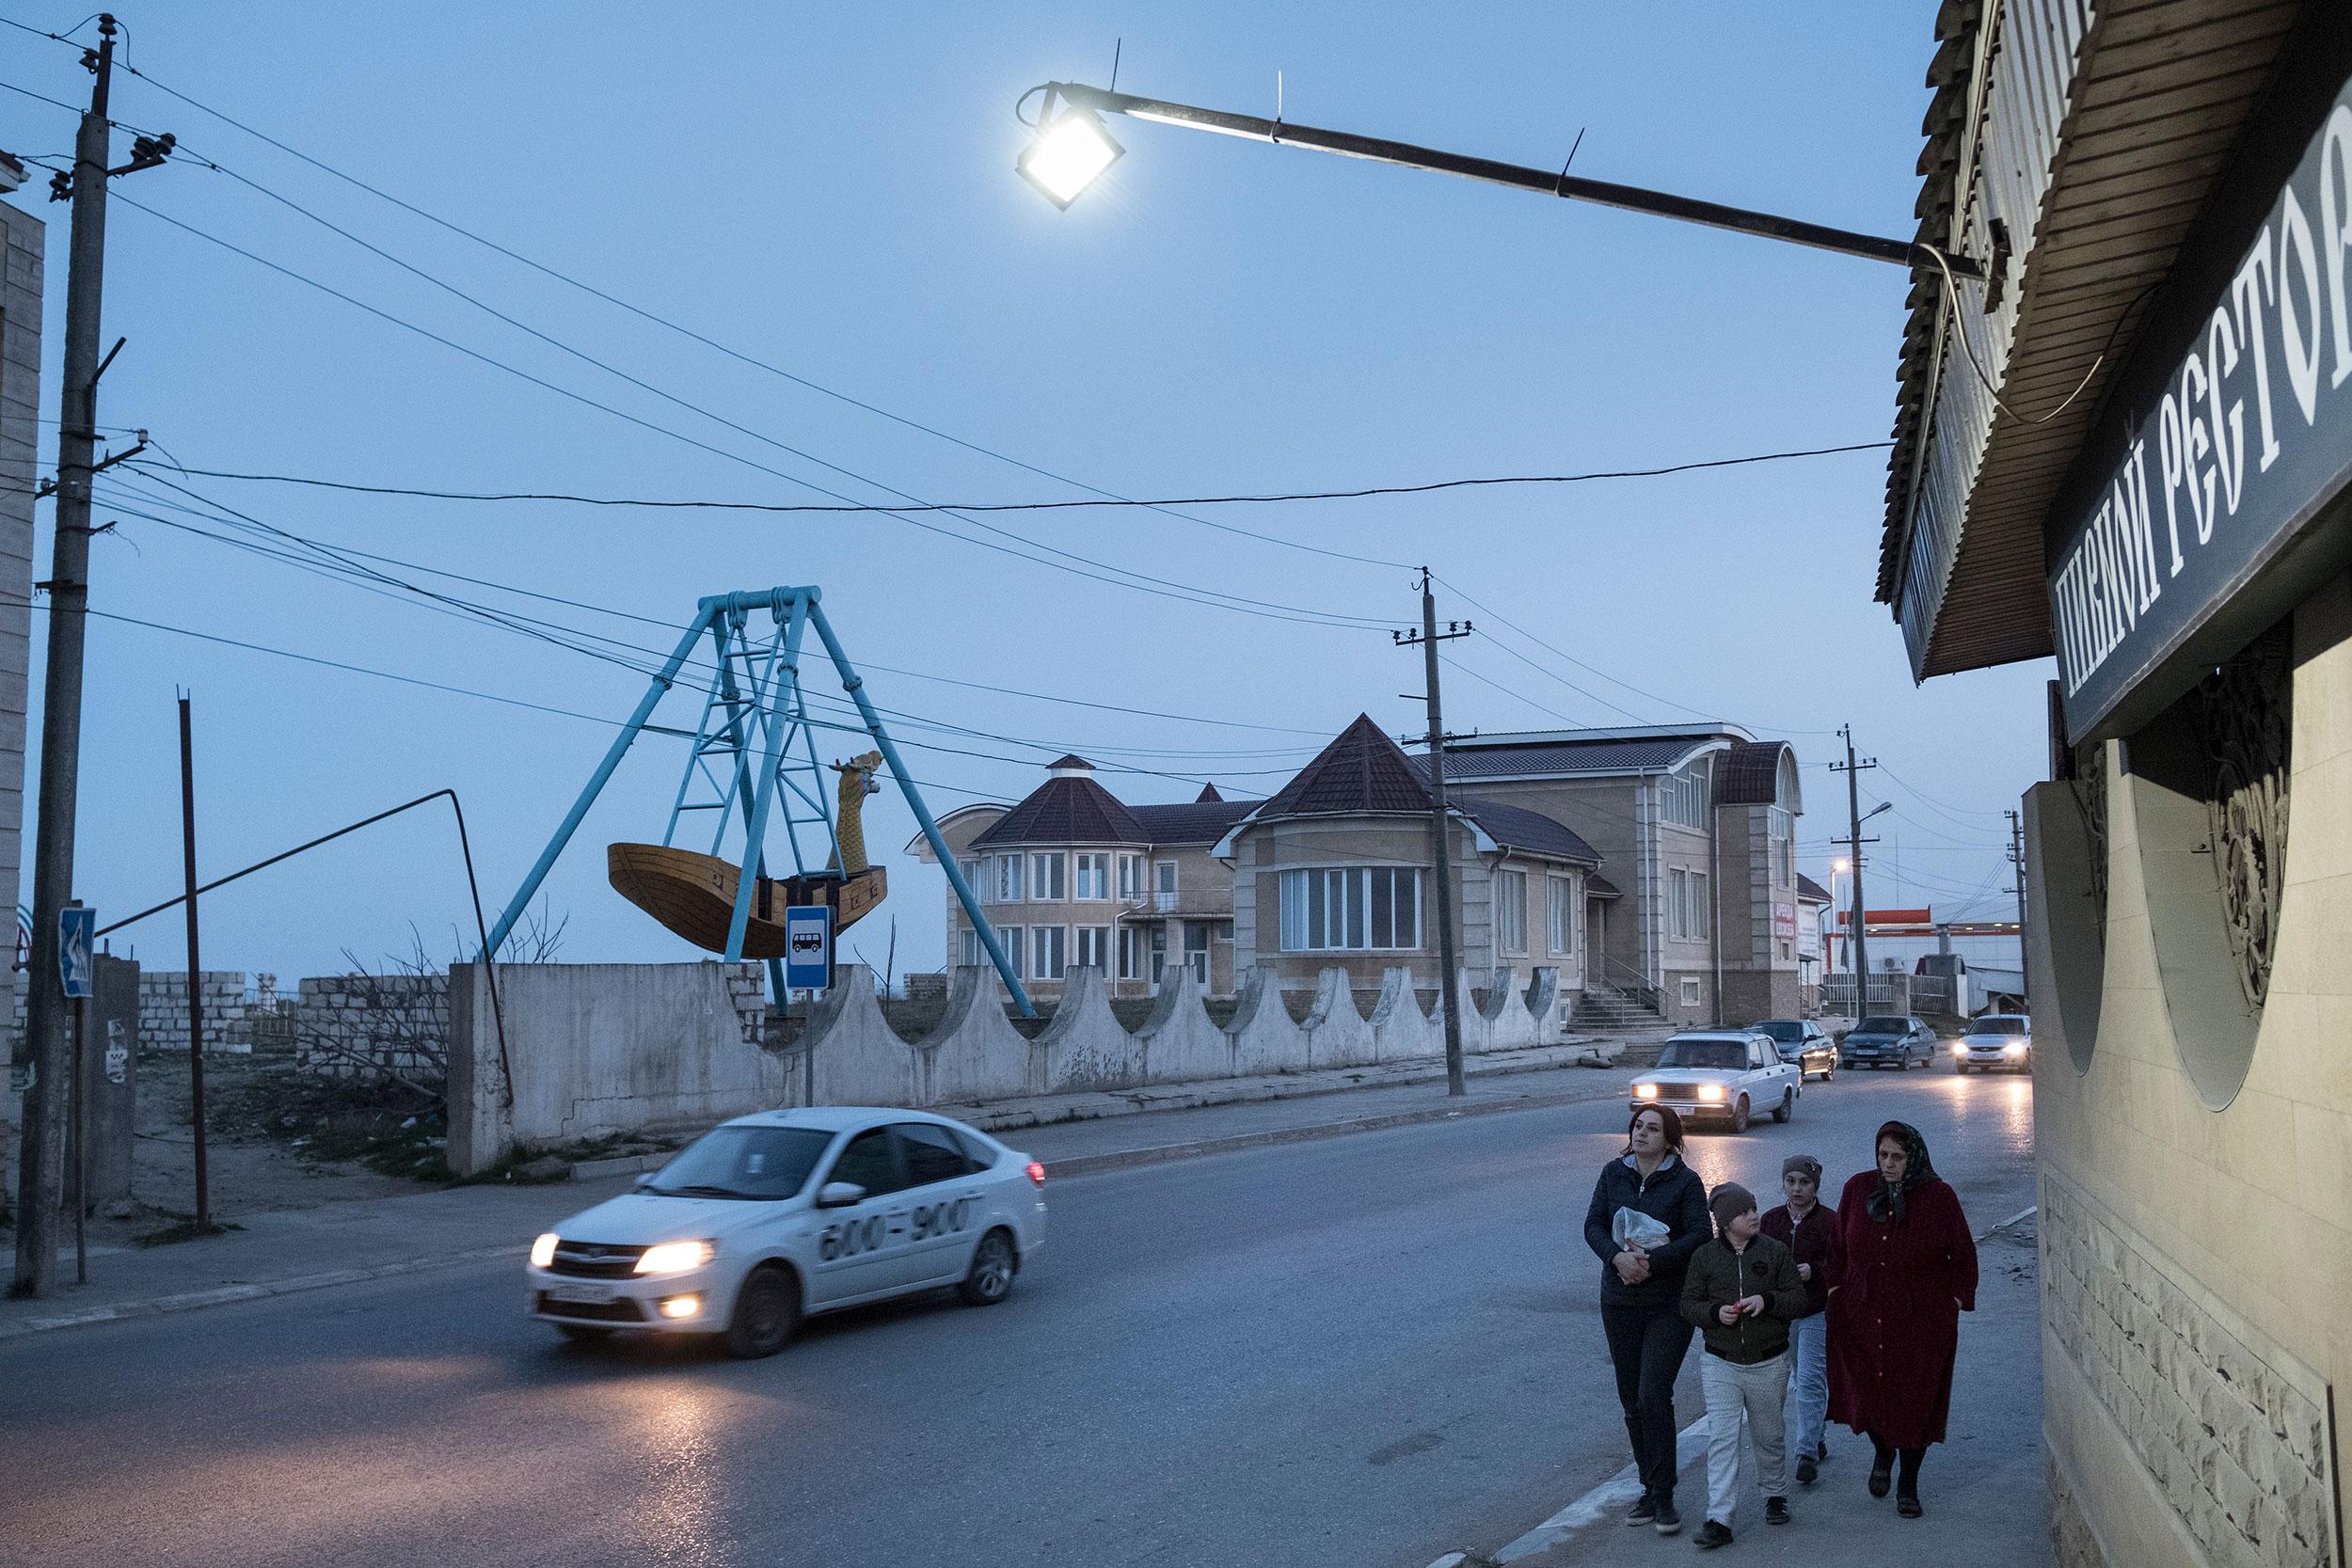 Russia, Dagestan